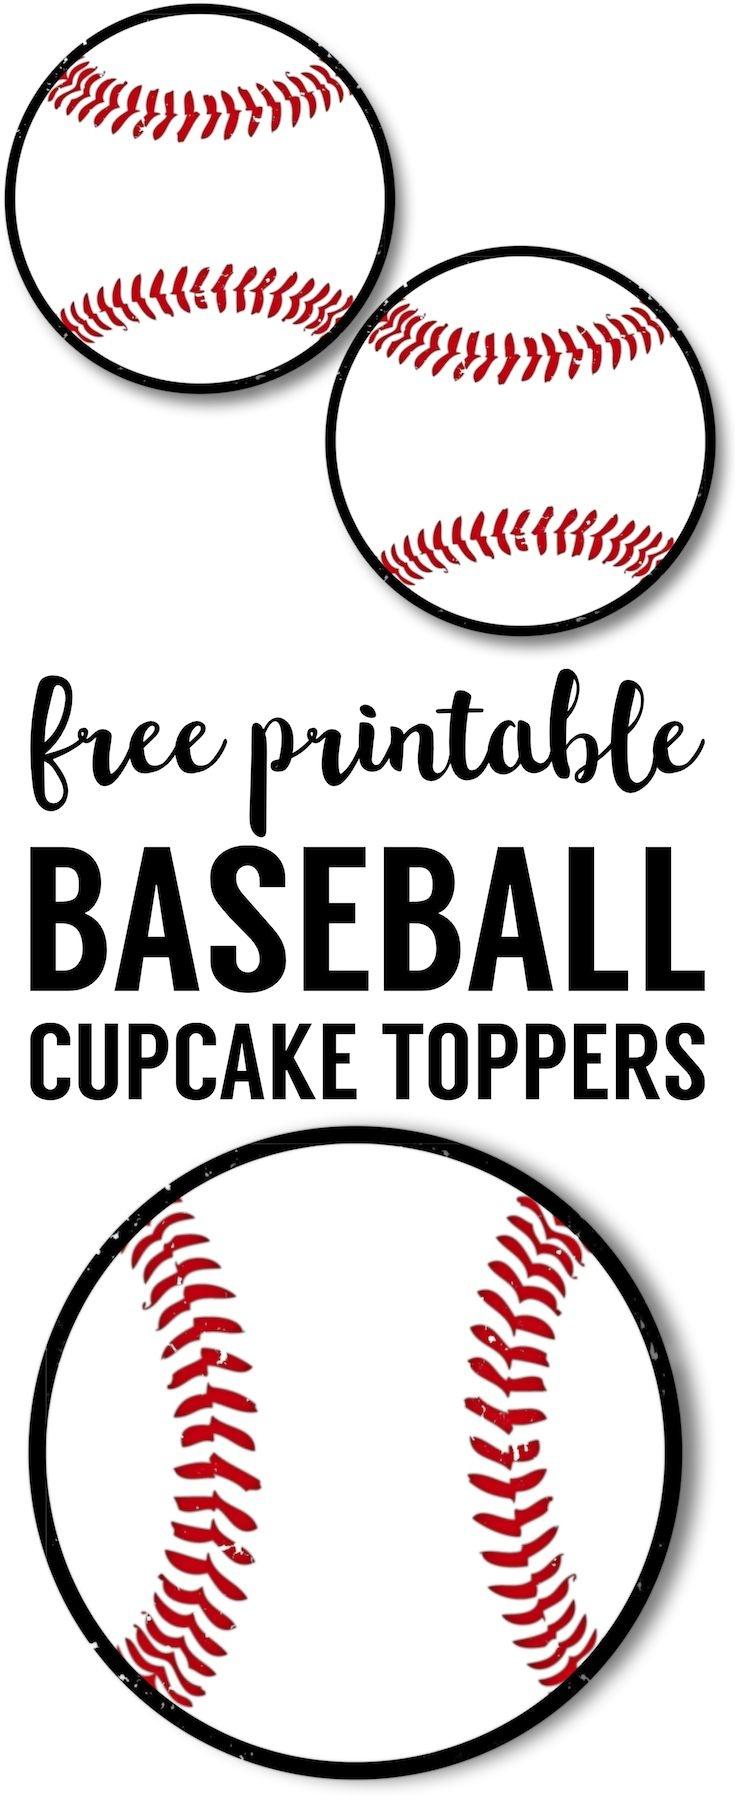 Baseball Cupcake Toppers Free Printable   Parties   Baseball - Free Printable Baseball Favor Tags